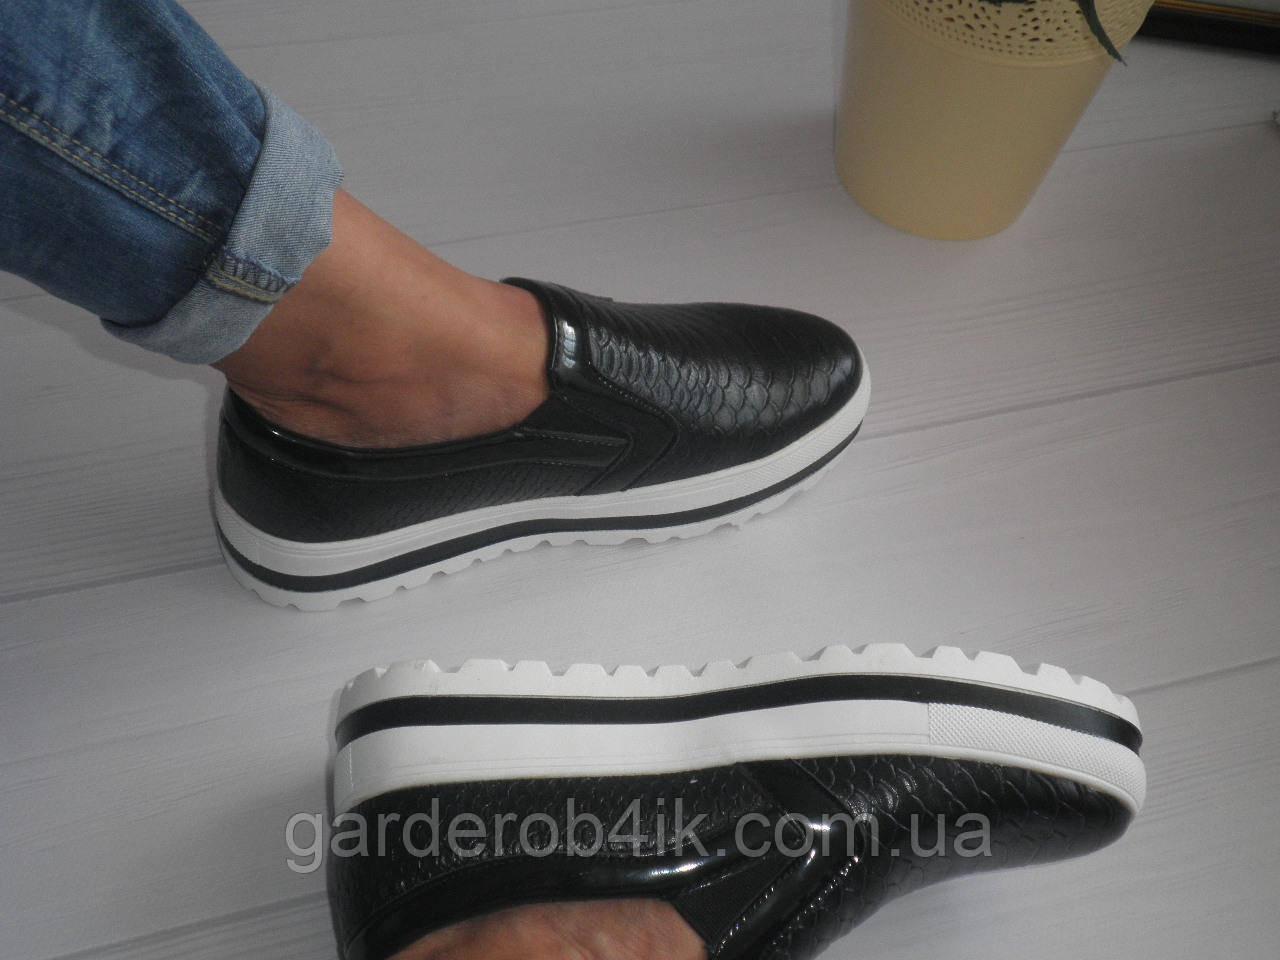 Женские туфли слипоны на платформе купить недорого в Украине оптом и ... 2d359e693a7